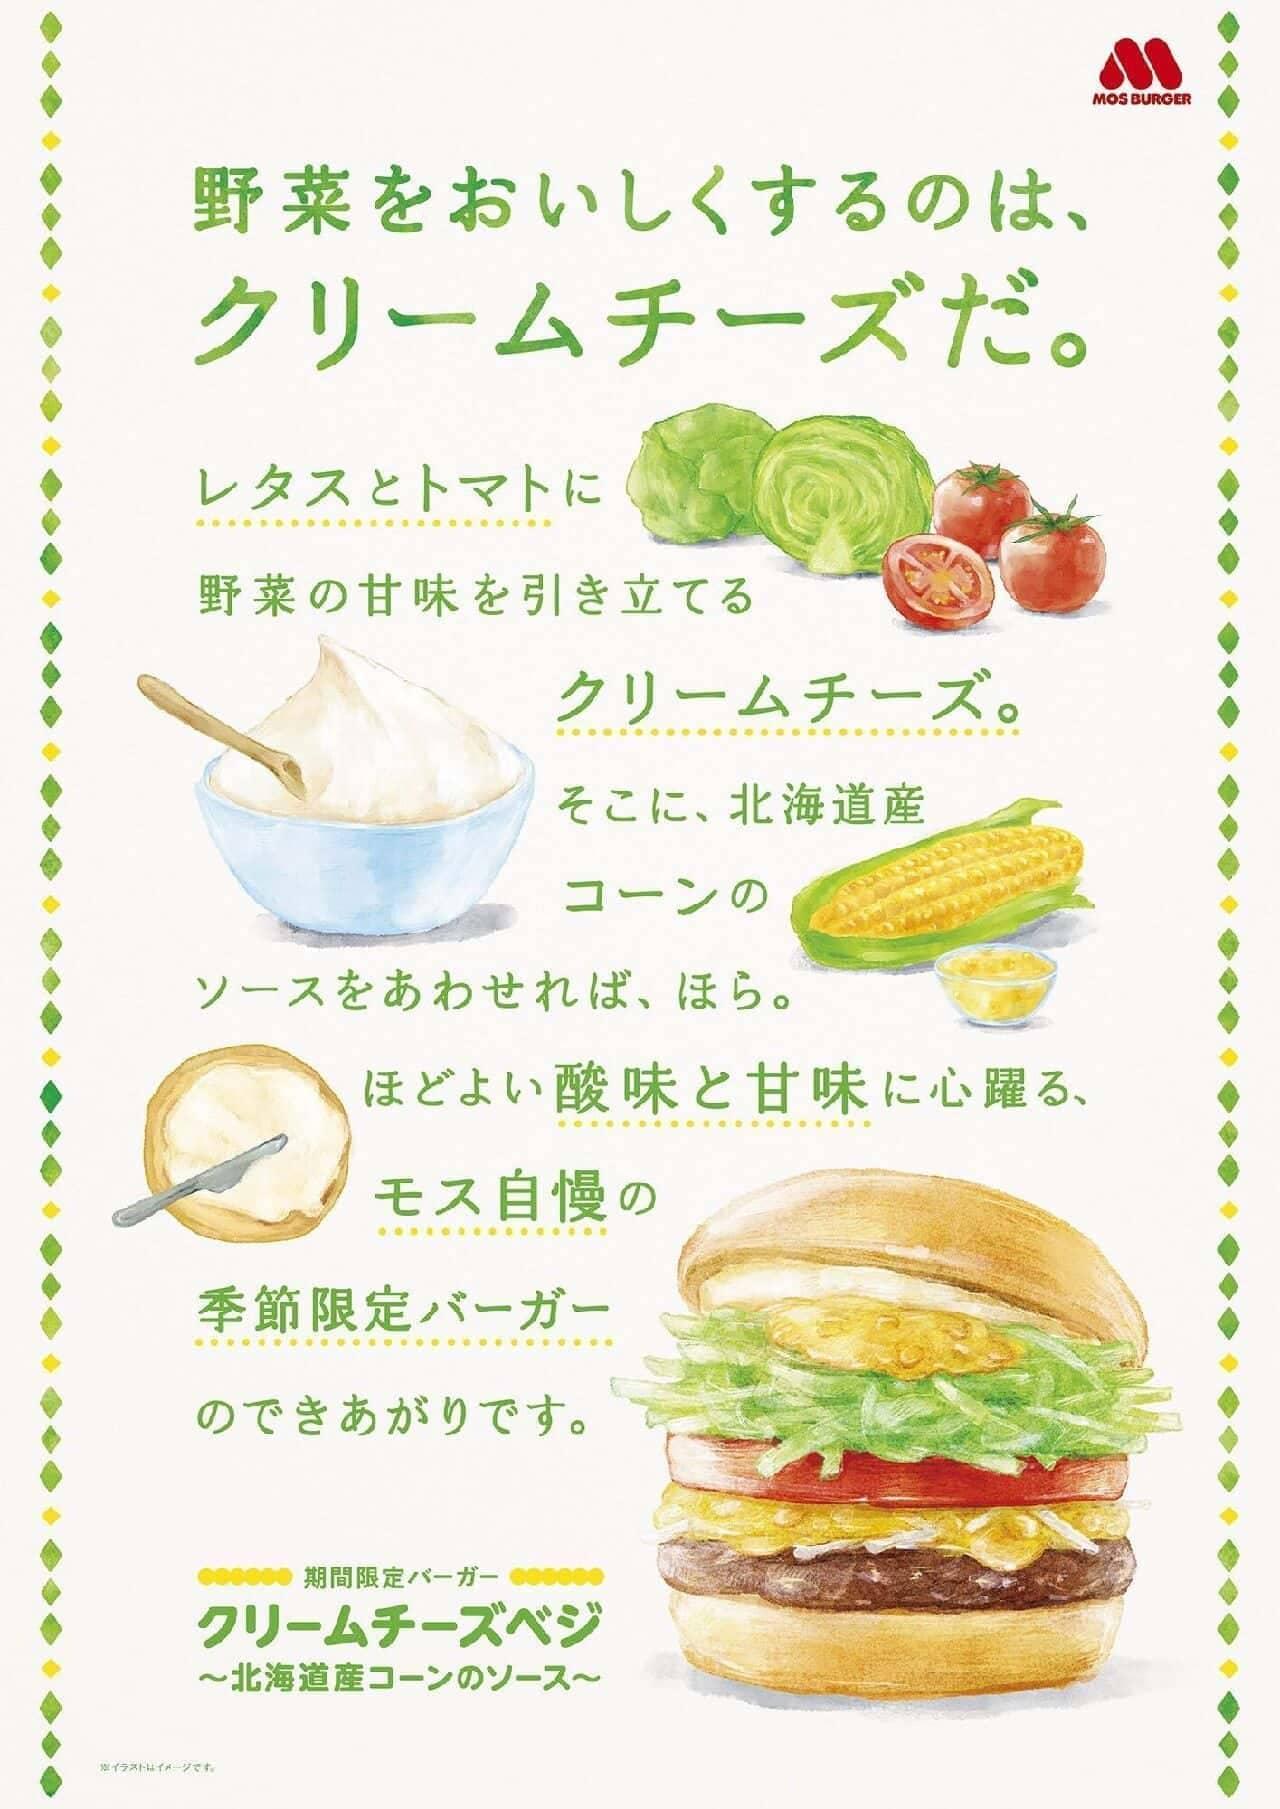 モスバーガー「クリームチーズベジ~北海道産コーンのソース~」